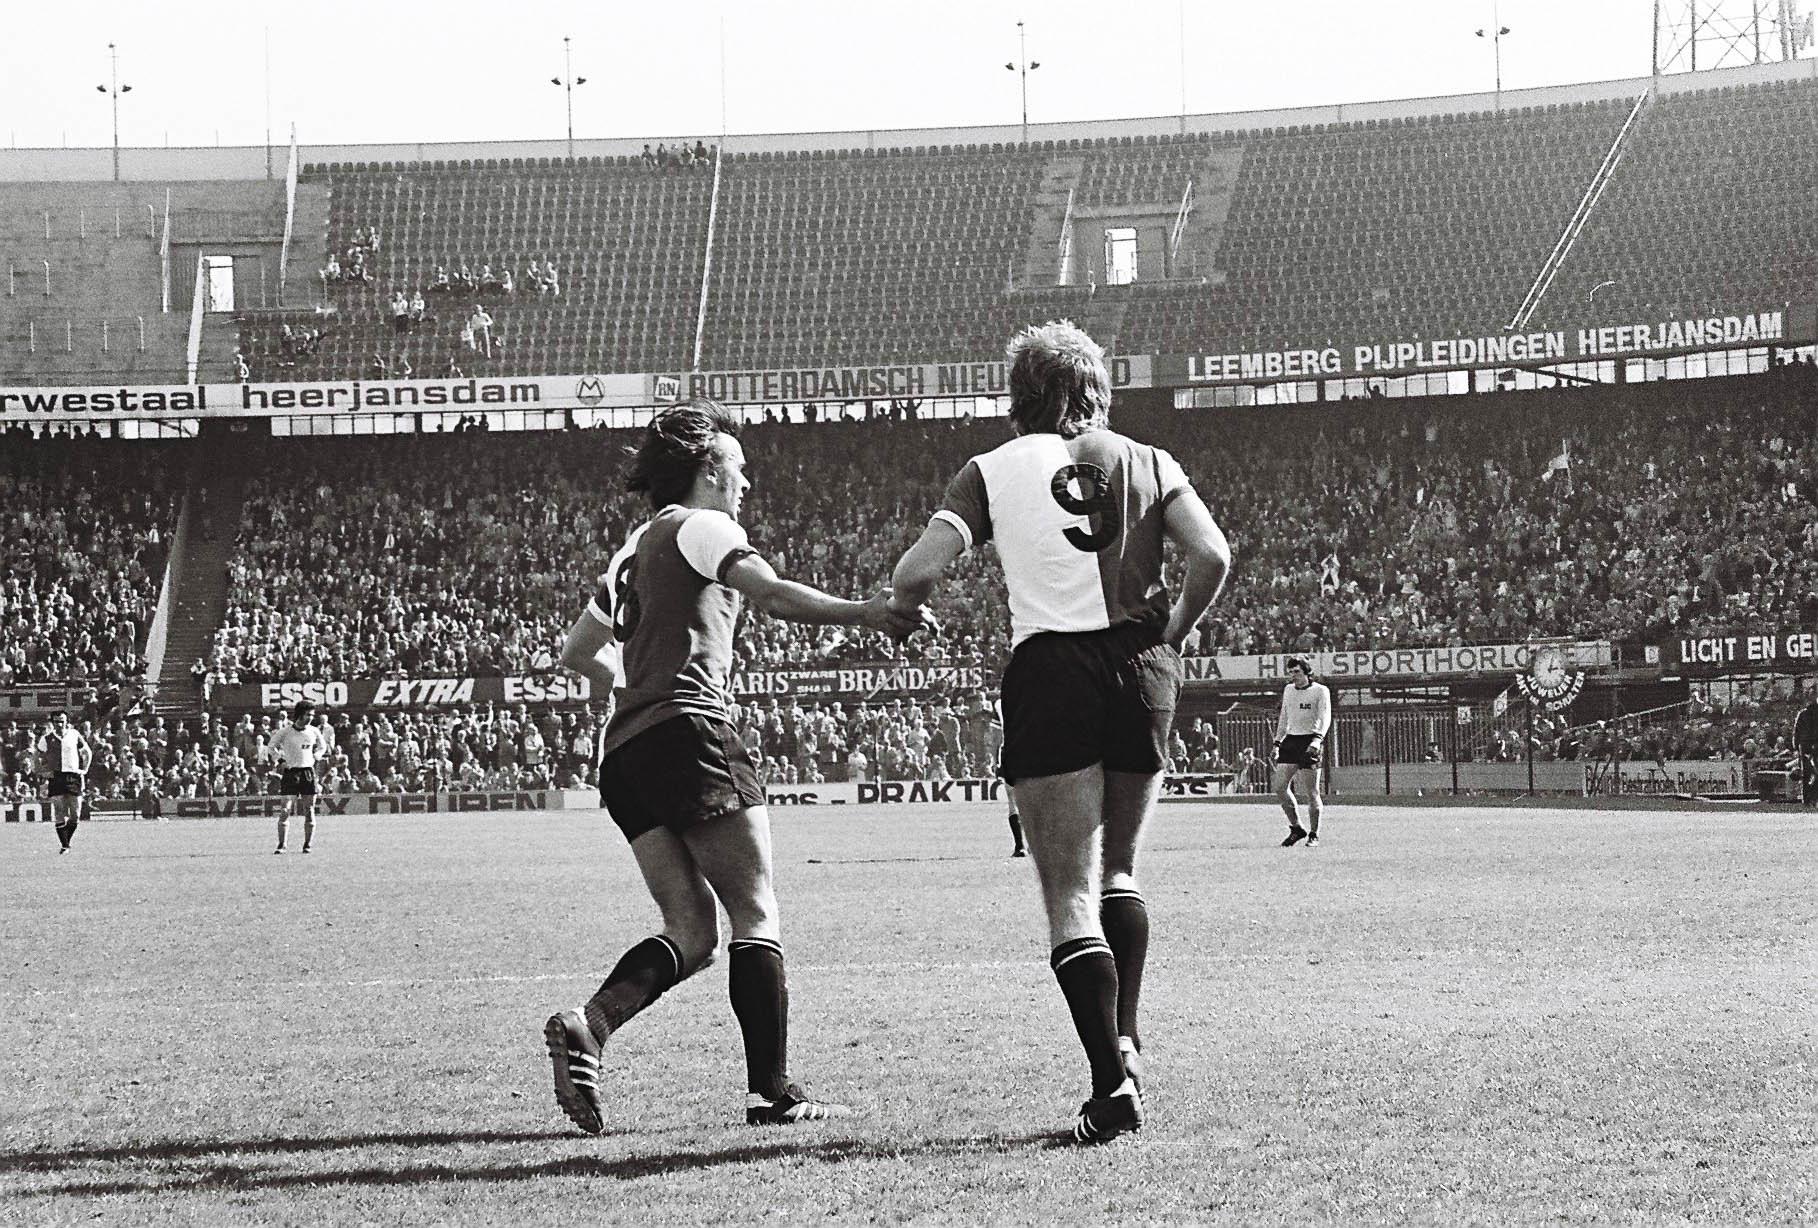 Feyenoord - Roda JC, 7 april 1974 (8-0), Theo de Jong prikt er net een binnen!